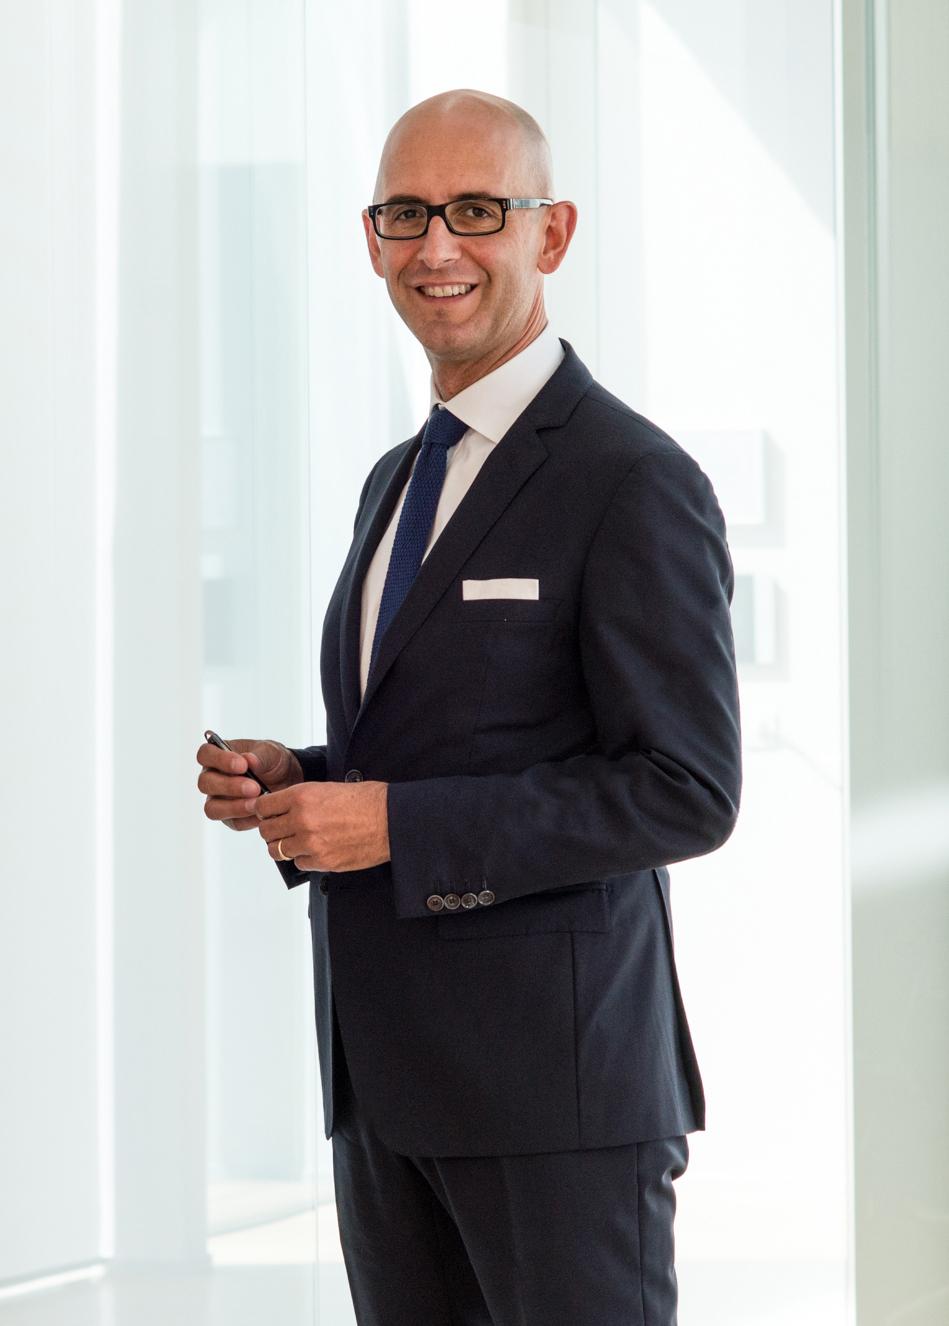 Alberto Camerlengo - Furla CEO